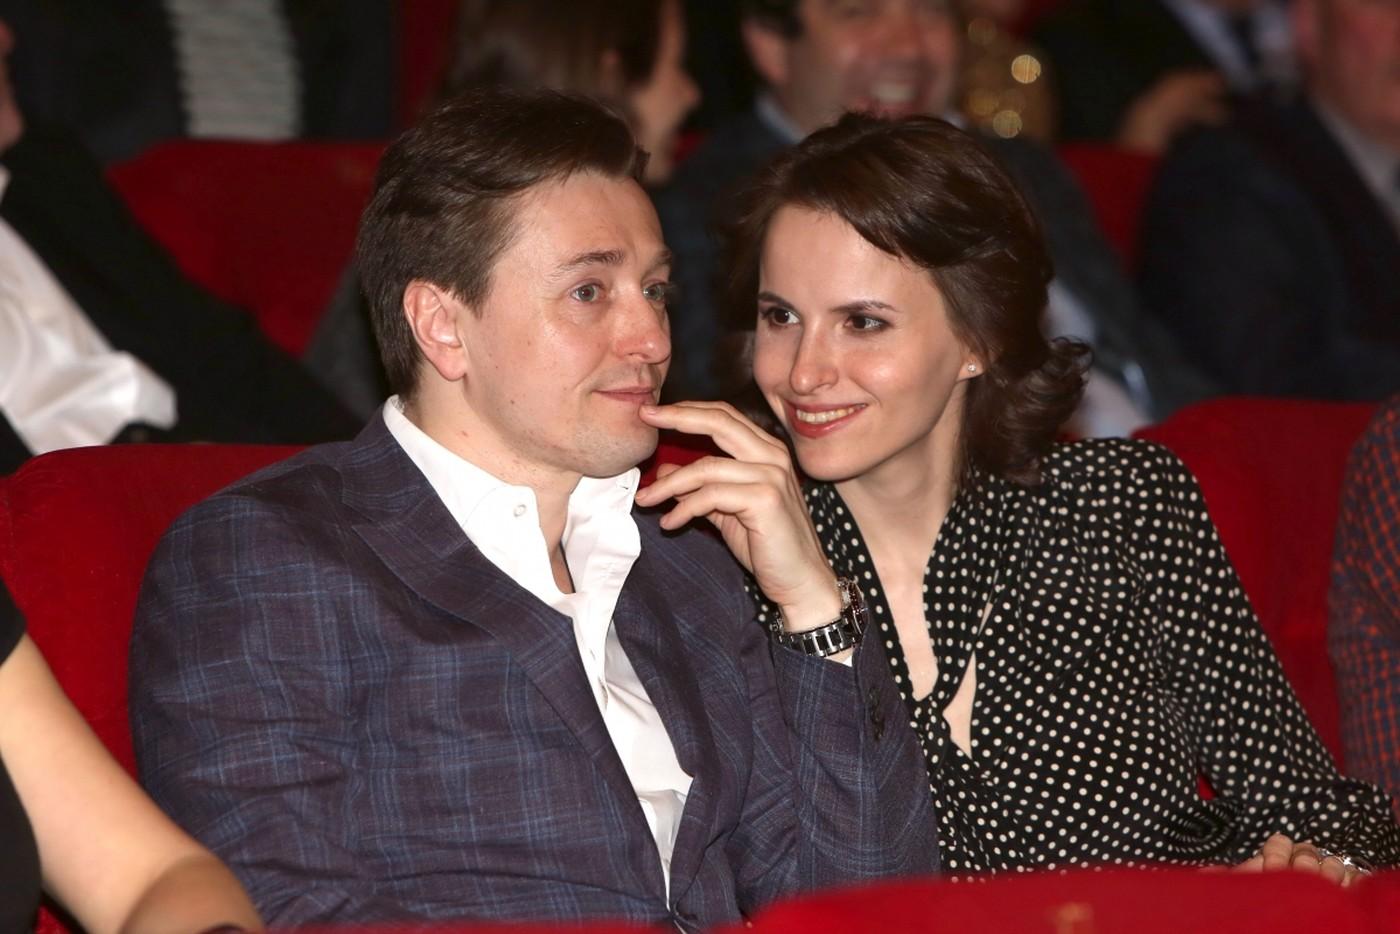 Анна Матисон - новая жена Сергея Безрукова: 30 лучших фото